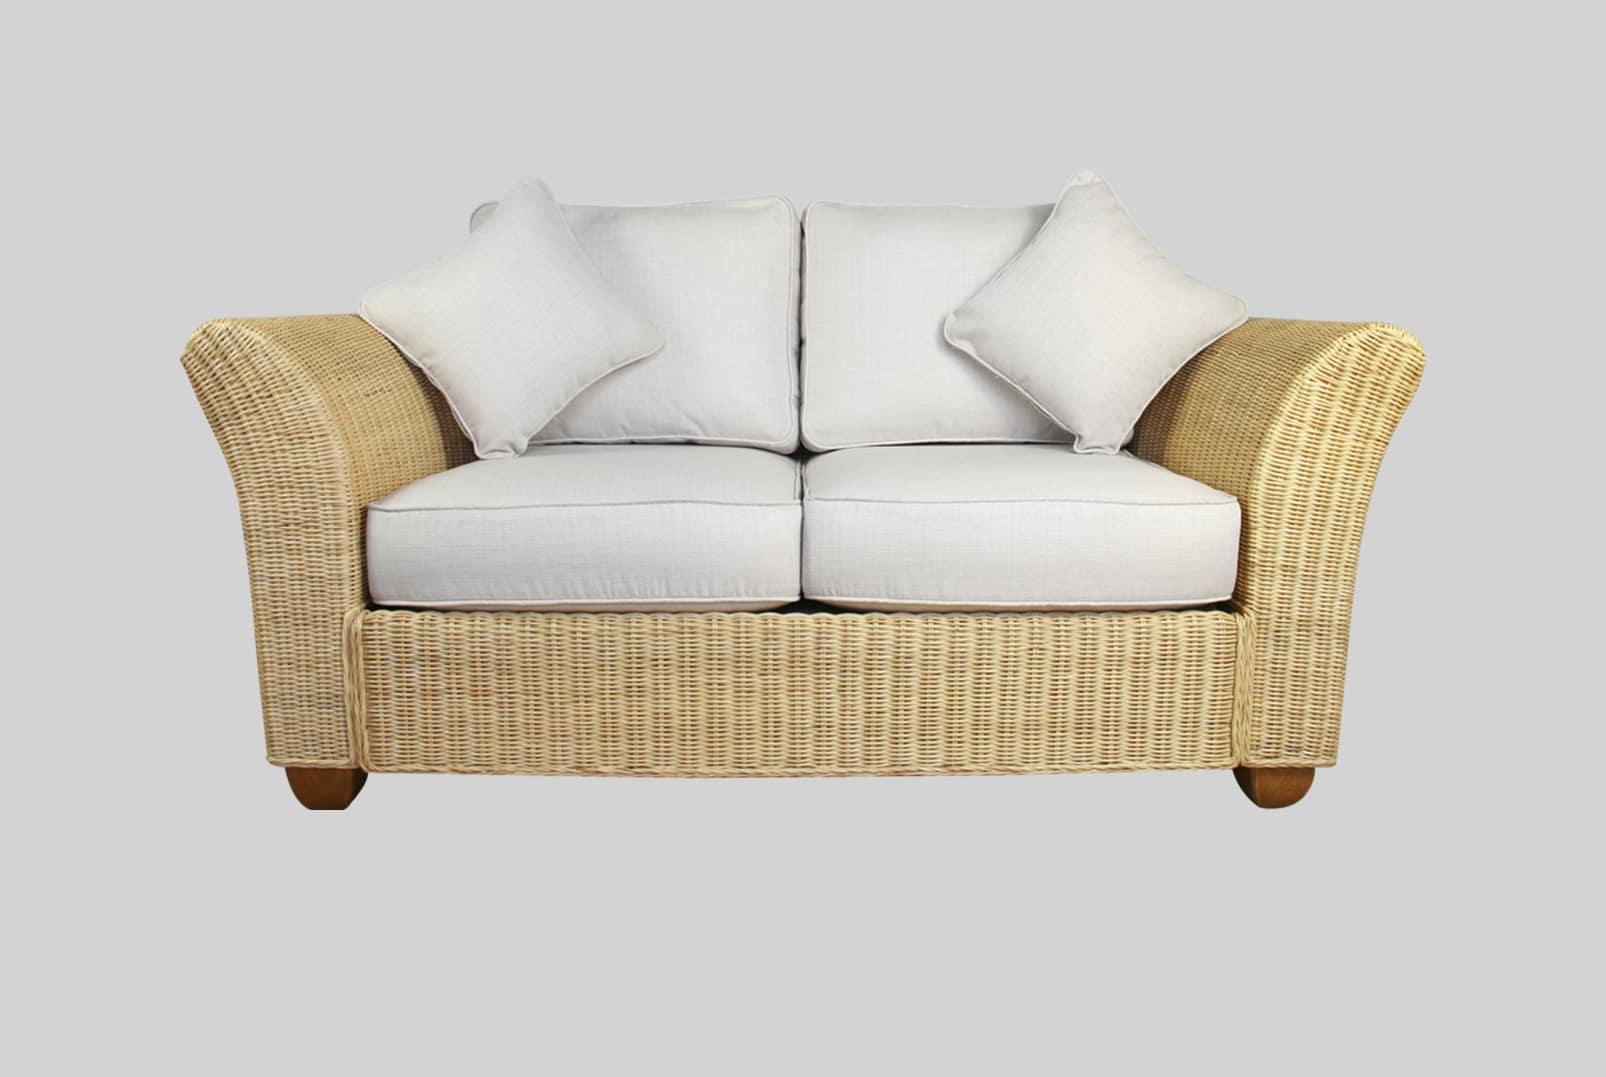 ae044f620da1 Rattan Conservatory Furniture Sets - Wicker Furniture ...